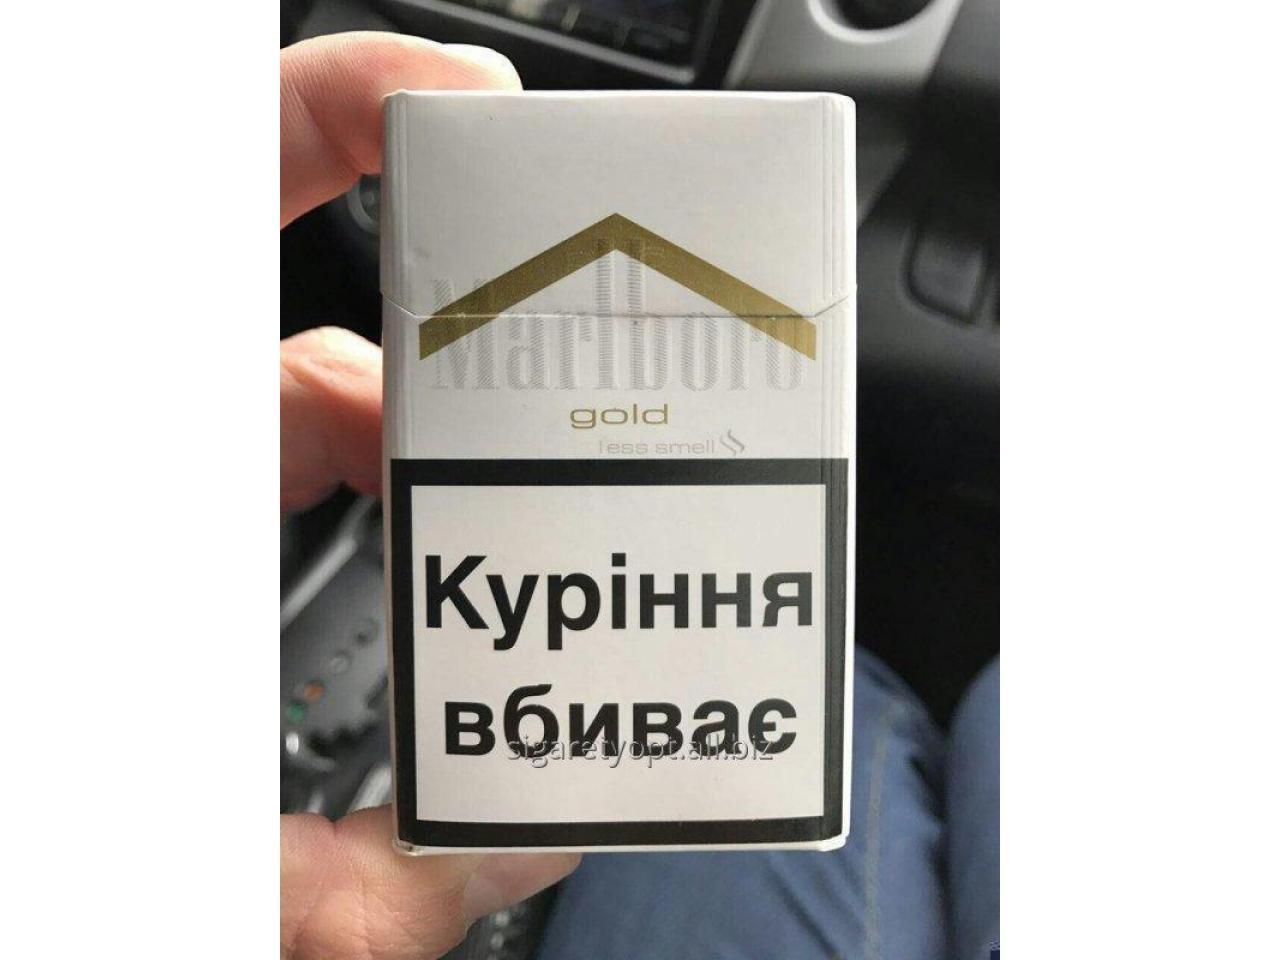 Доставка никотиновых макаронов мальборо,винстон,кэмэл из Украины - 2